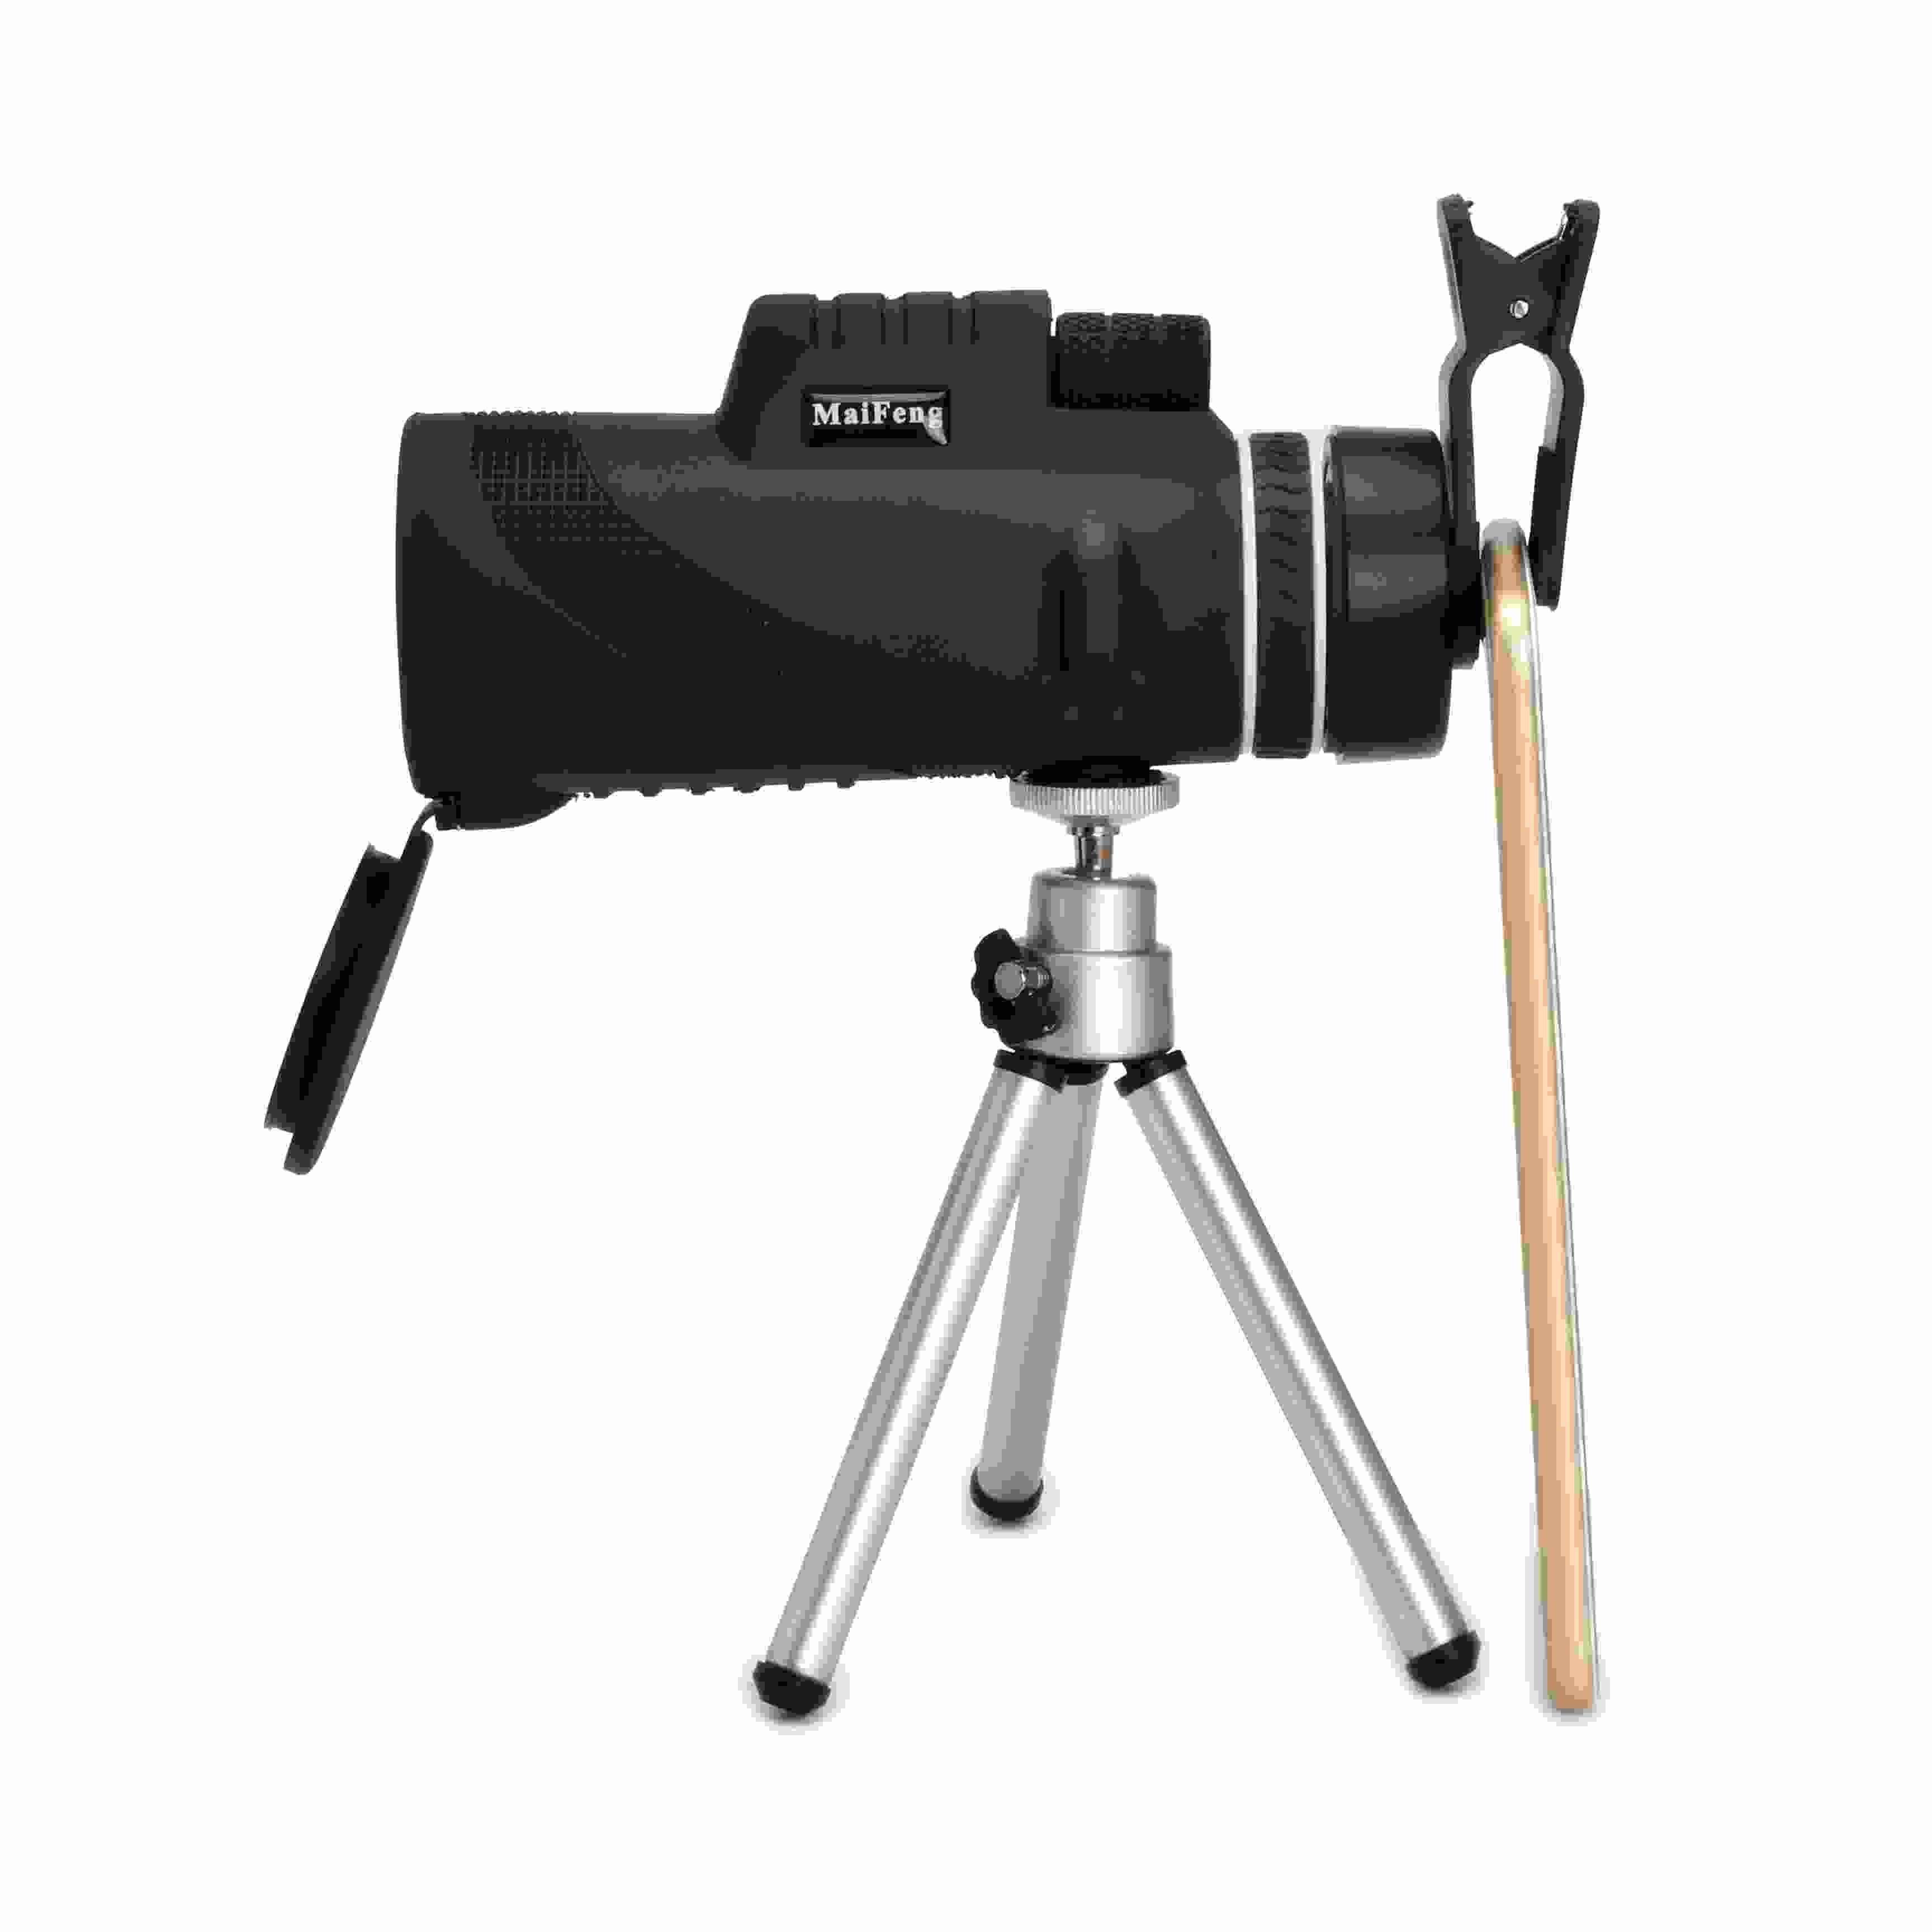 Neue ankunft 40X Vergrößerung Zoom-teleskop Fernrohr Optisches Spektiv für Handy mit Stativ Clip